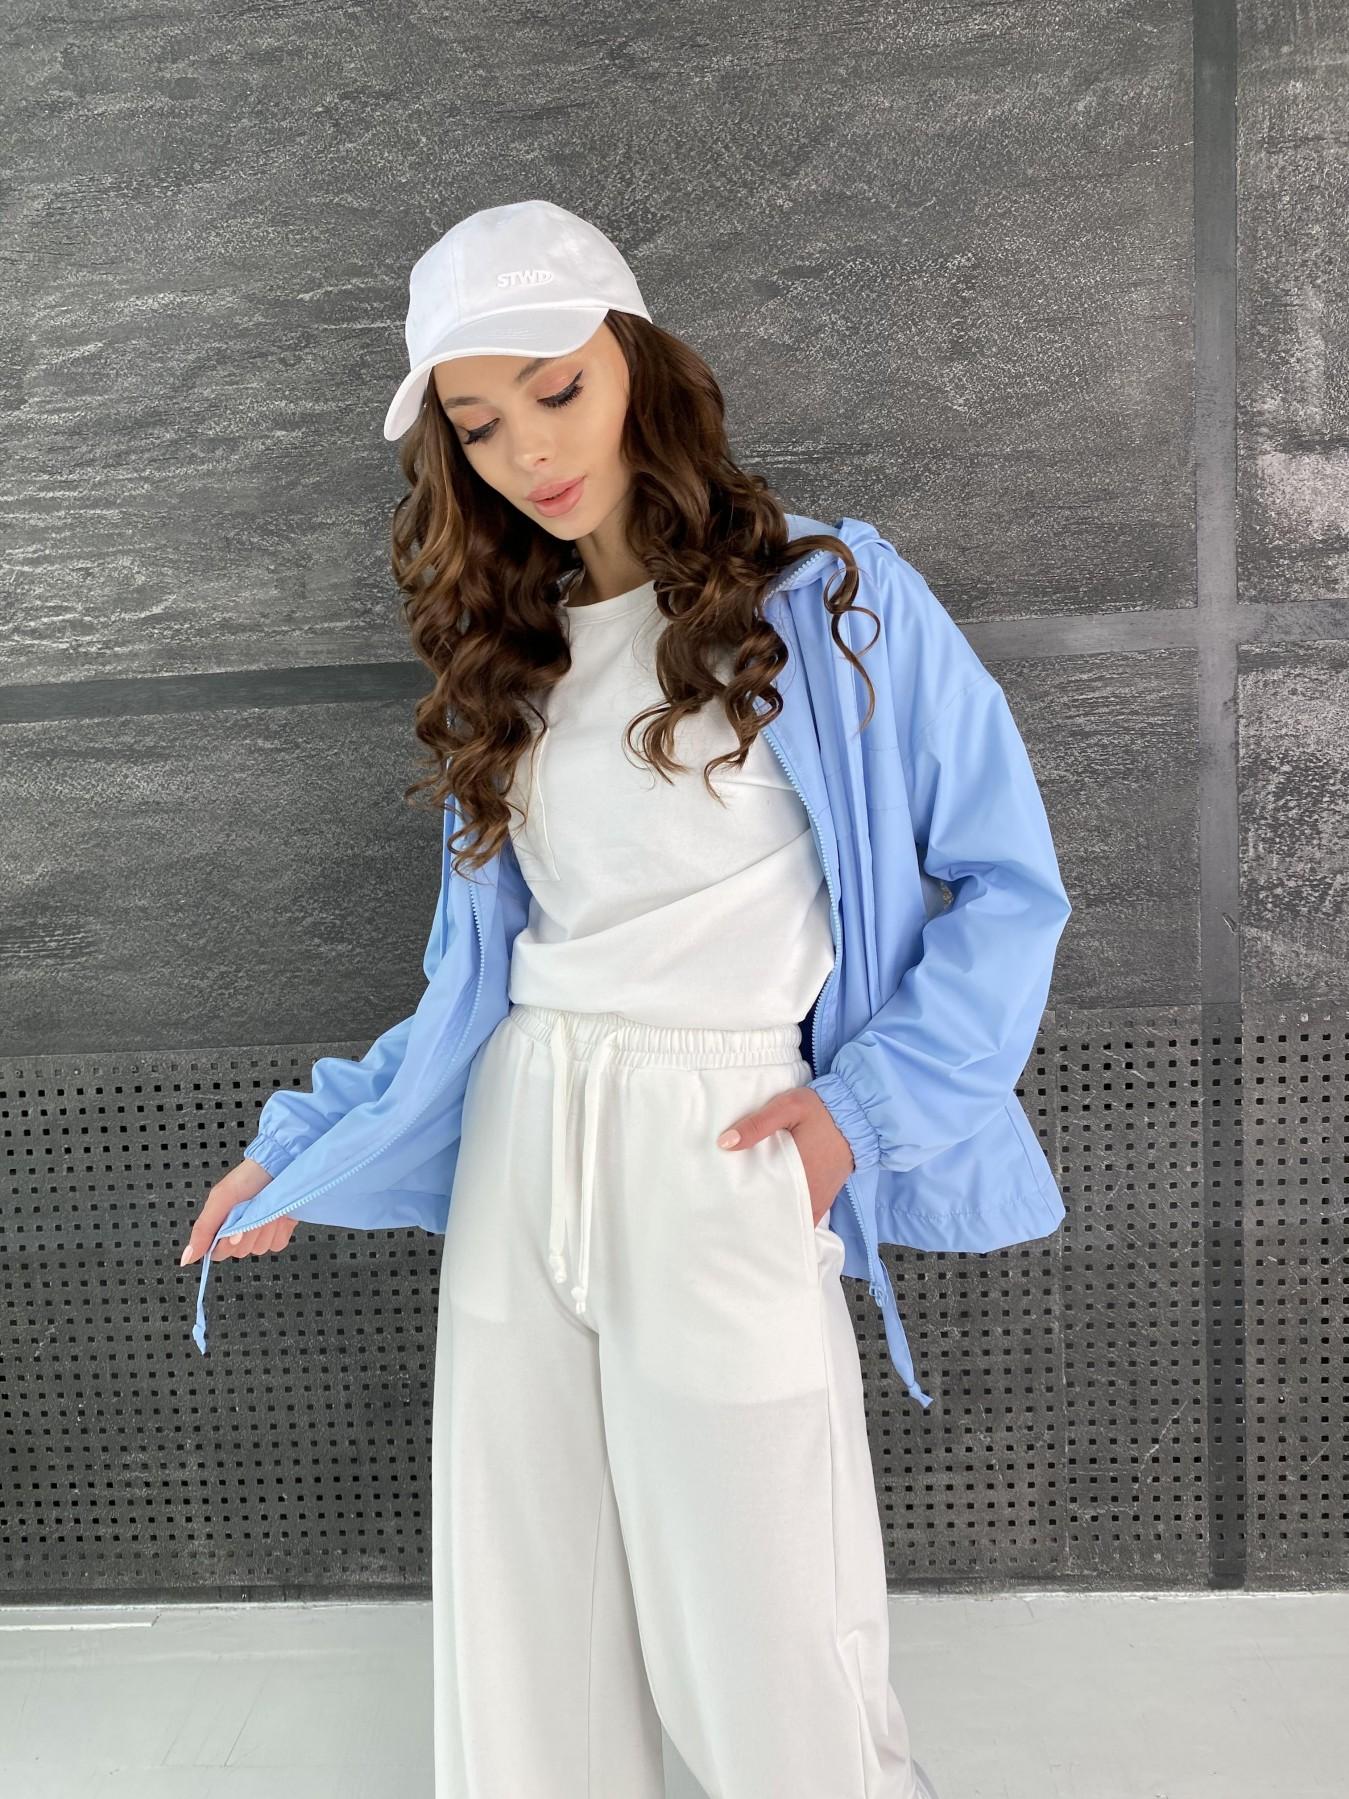 Фит куртка из плащевой ткани Ammy 11013 АРТ. 47593 Цвет: Голубой - фото 1, интернет магазин tm-modus.ru